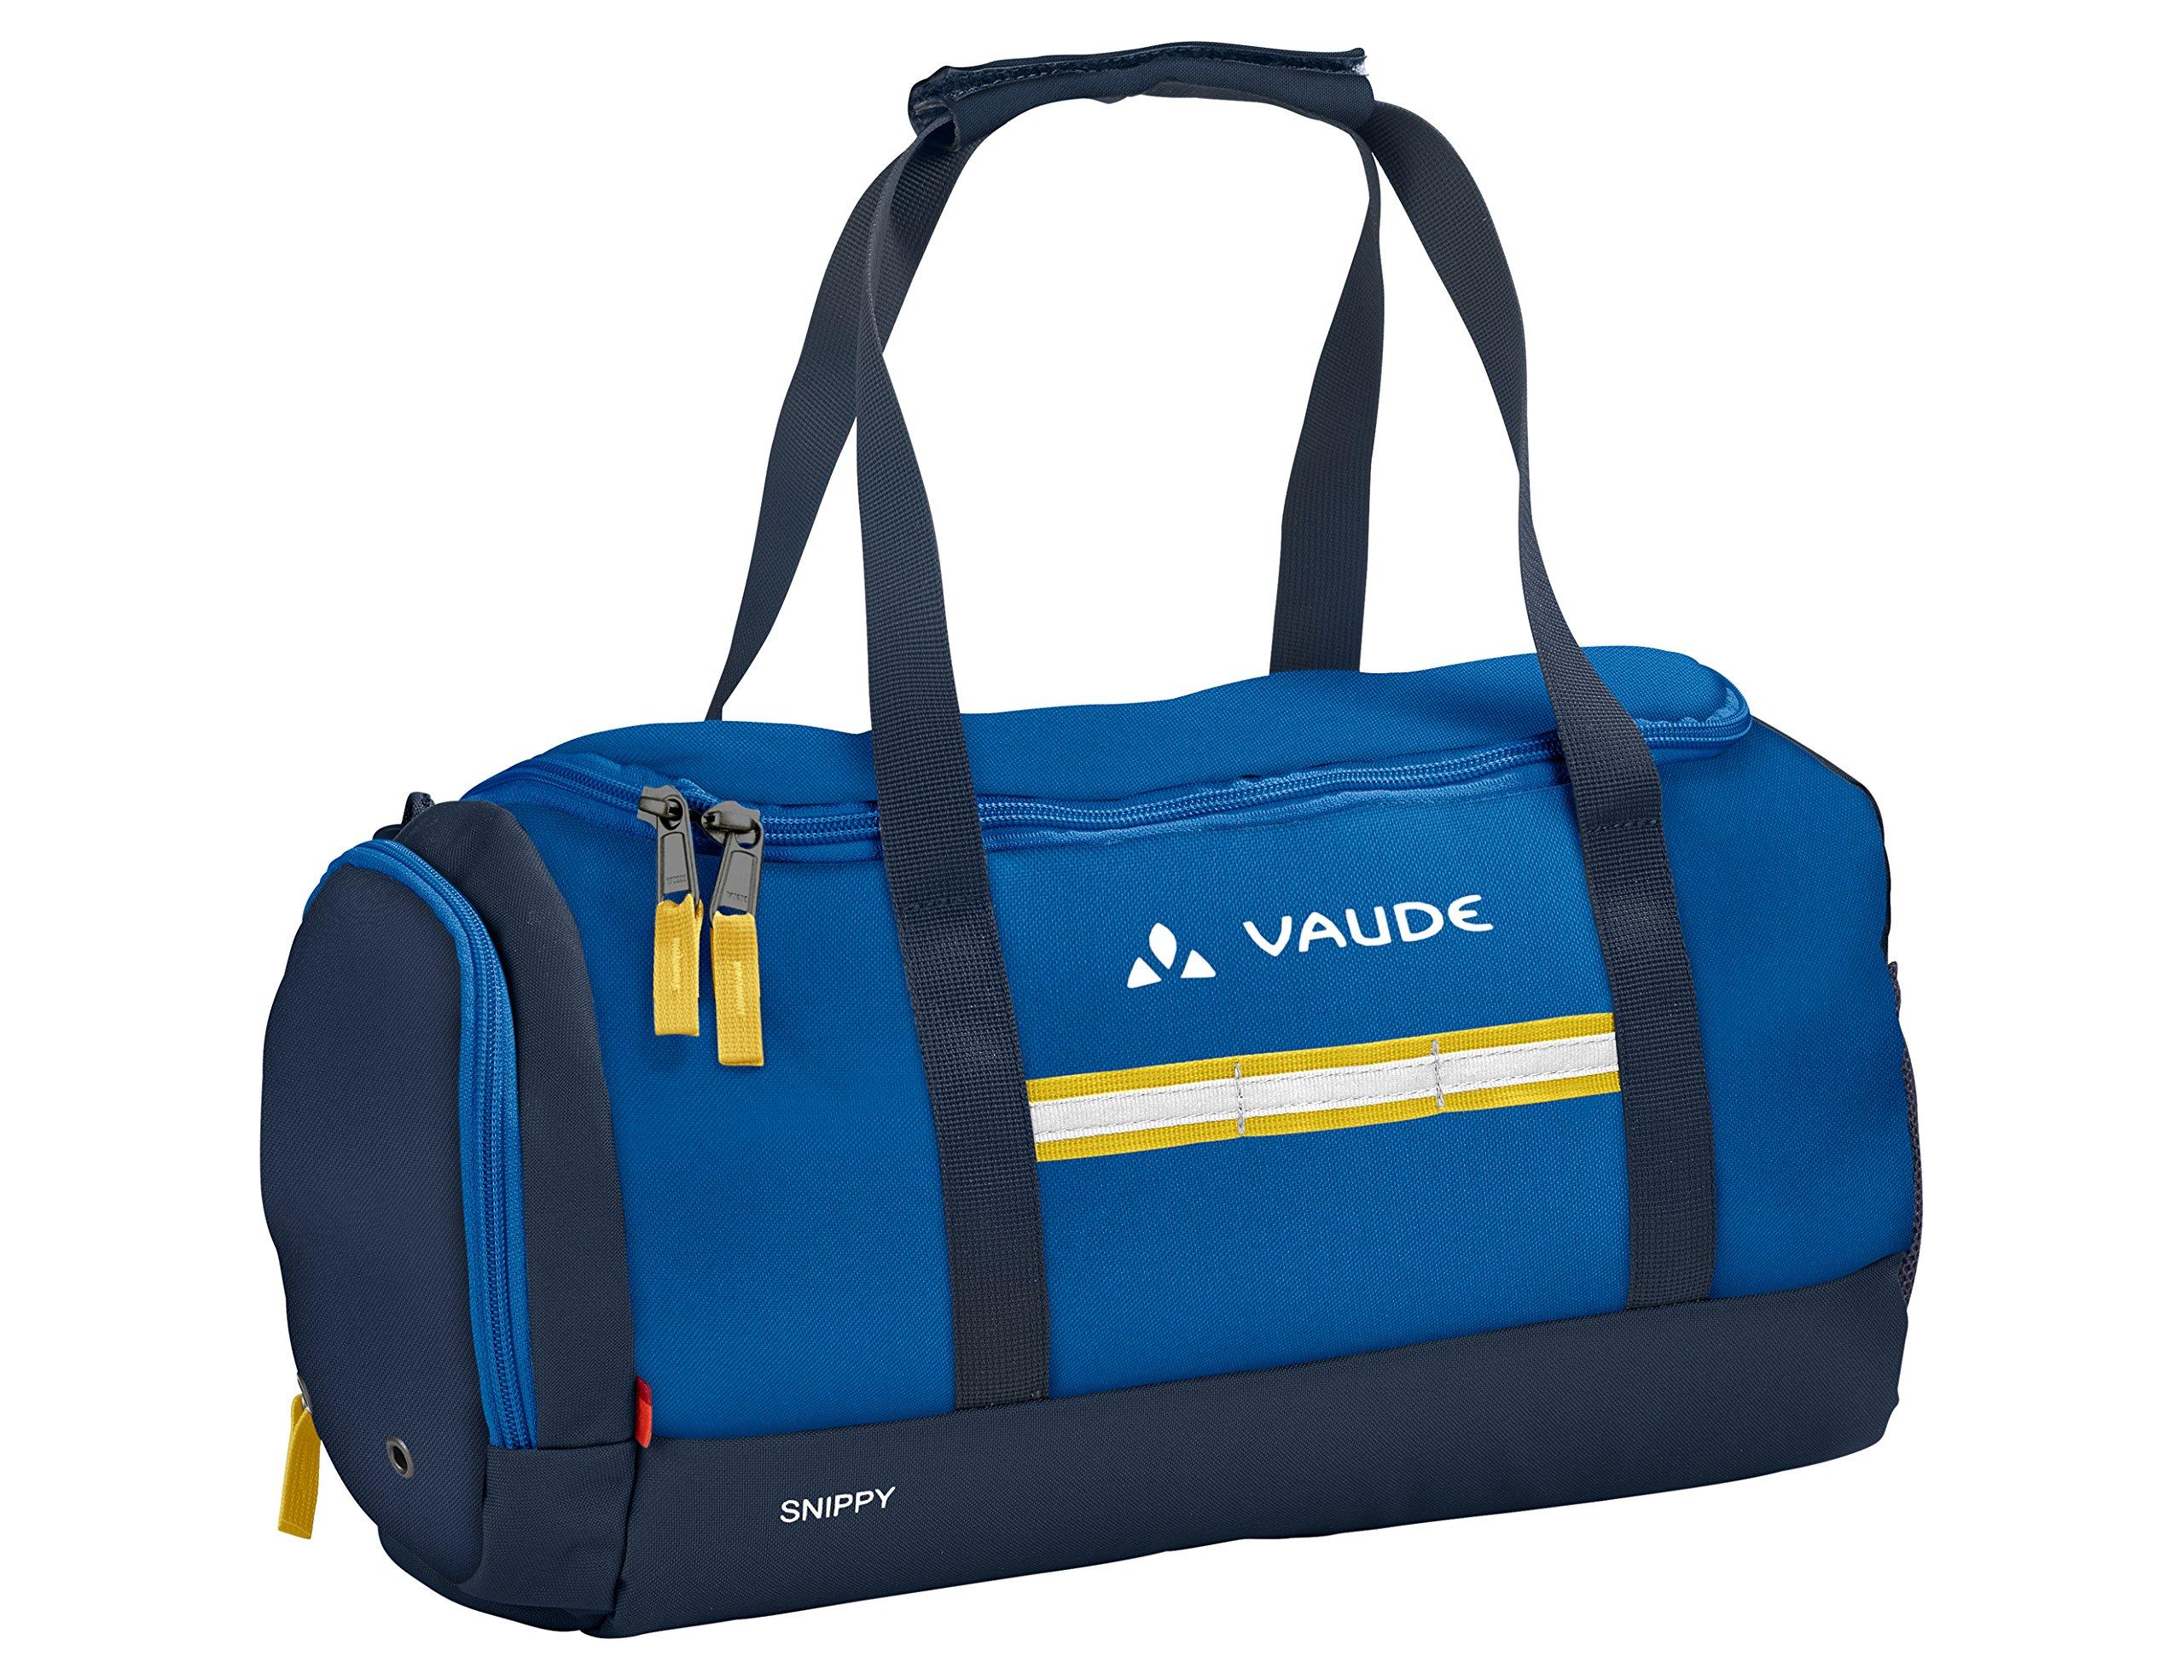 Vaude-Kinder-Snippy-Taschen